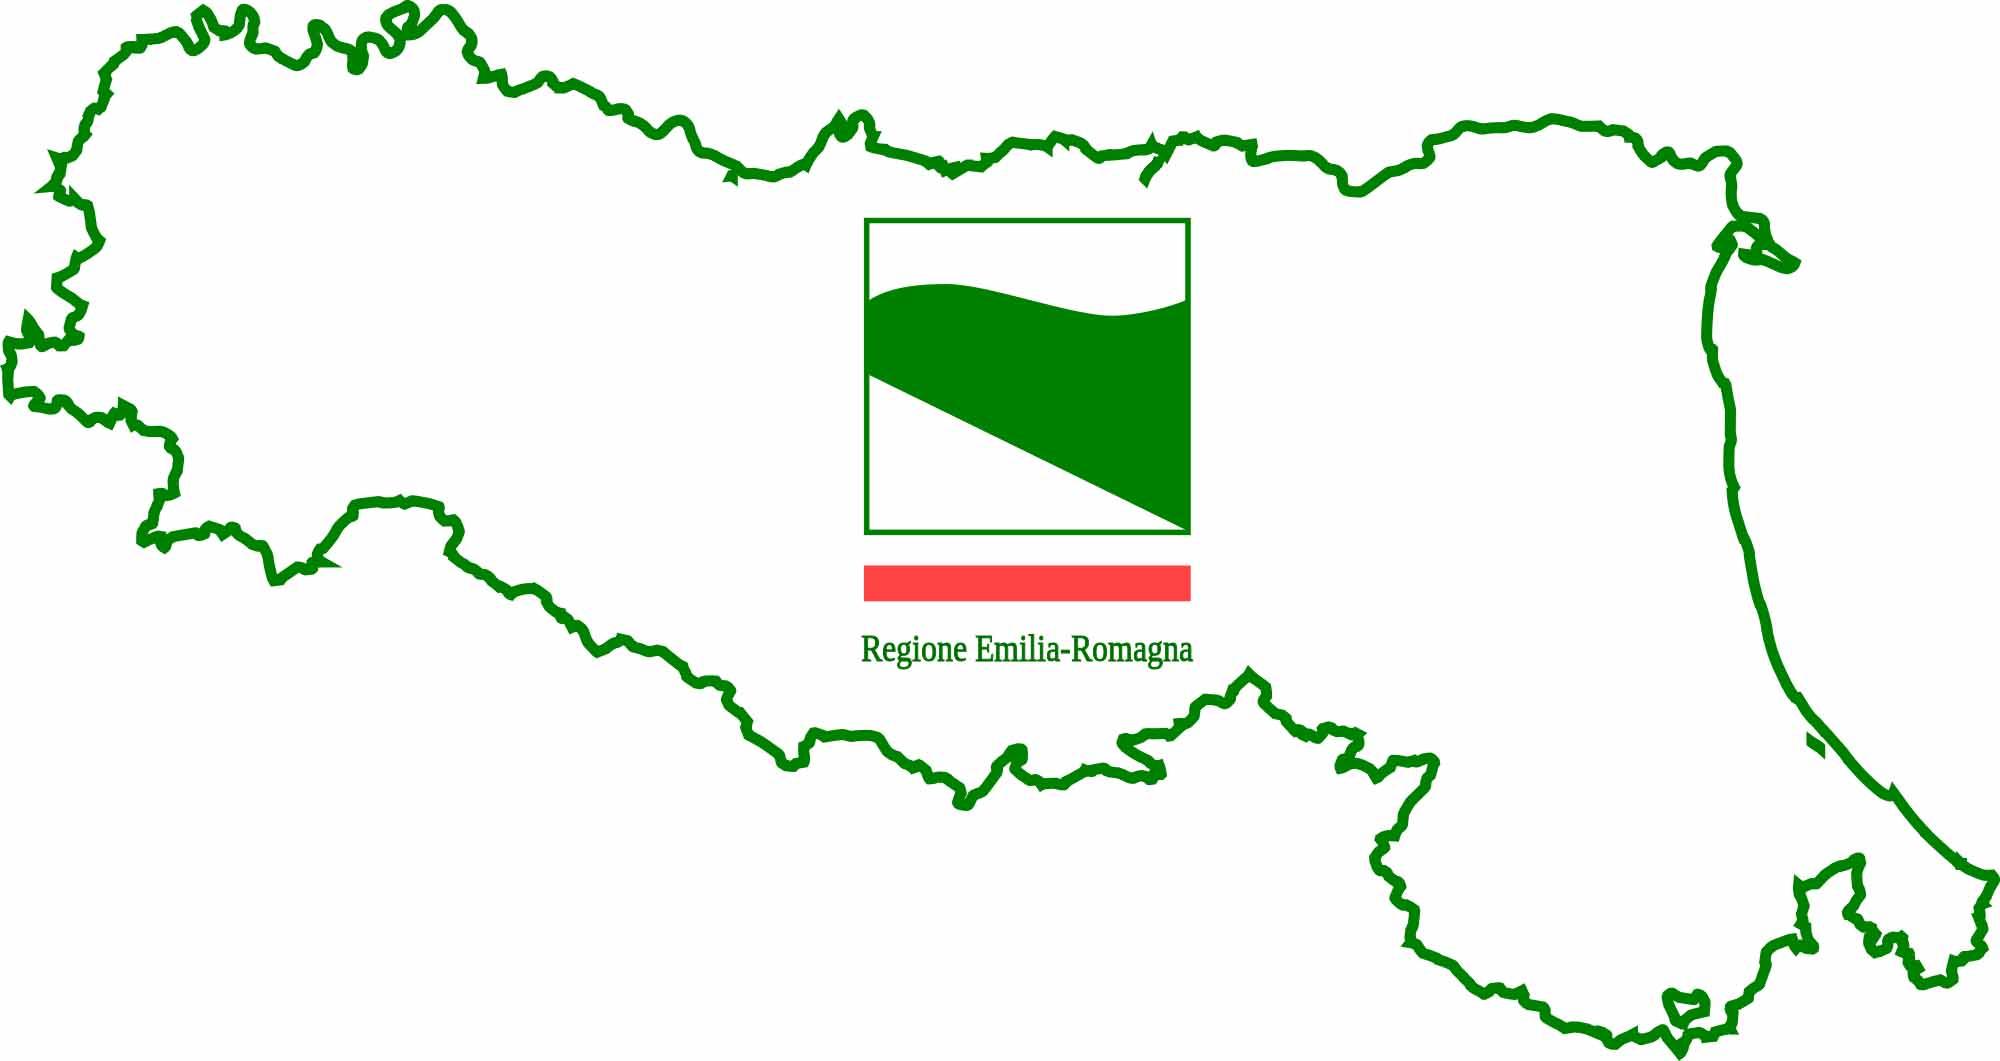 Zone tartufigene dell' Emilia Romagna – www.andareatartufi.com